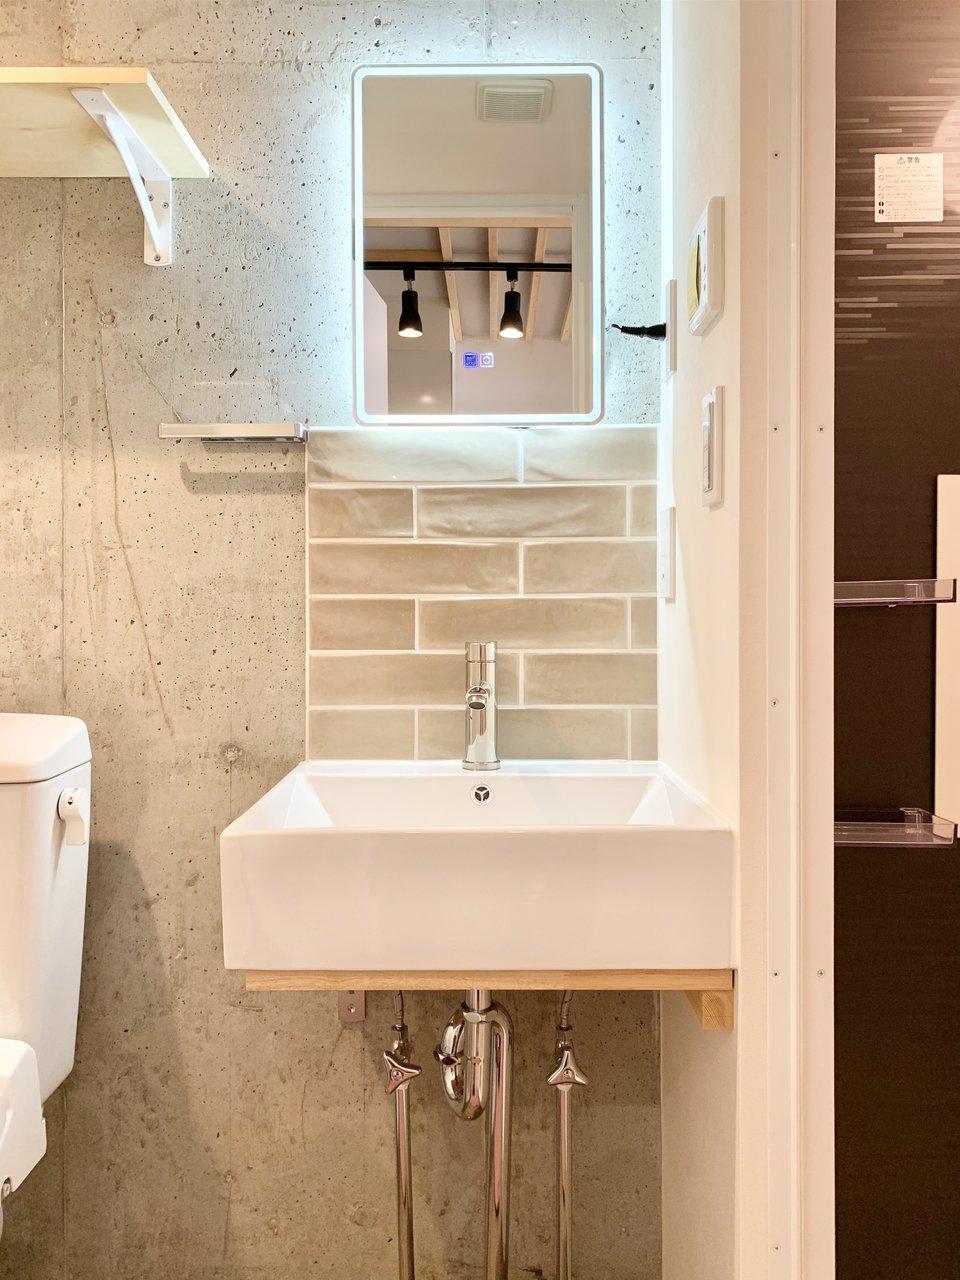 独立洗面台は、なんだかホテルみたい。ボタンを押すと光る鏡もついています。